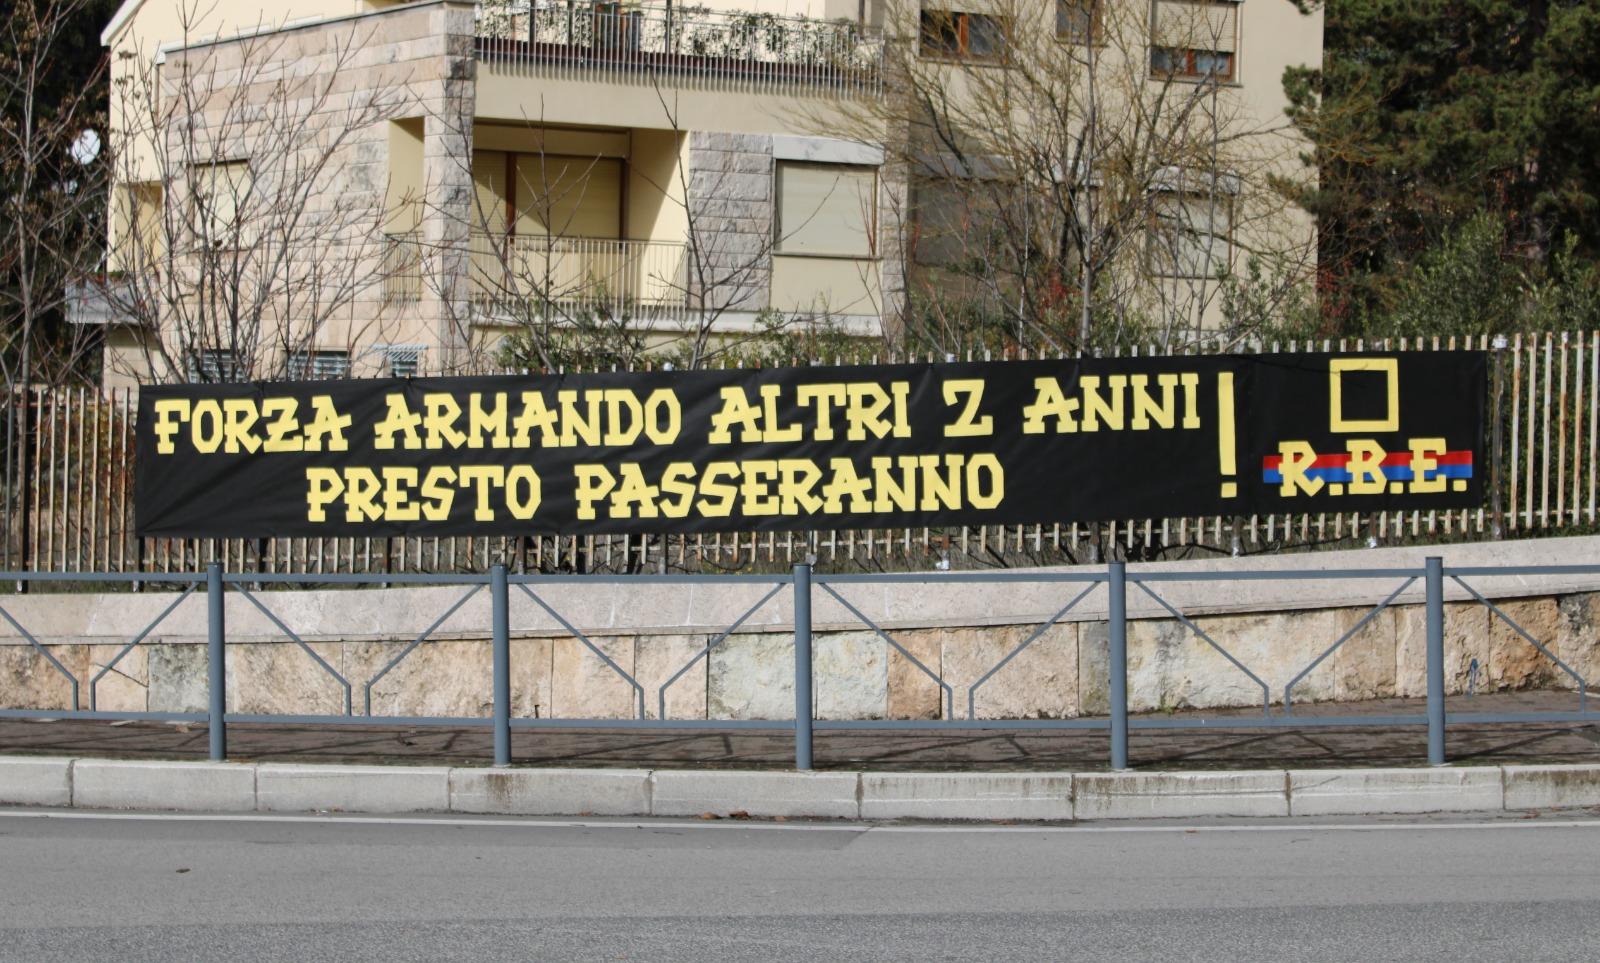 Forza Armando altri 2 anni presto passeranno! 17/11/2020